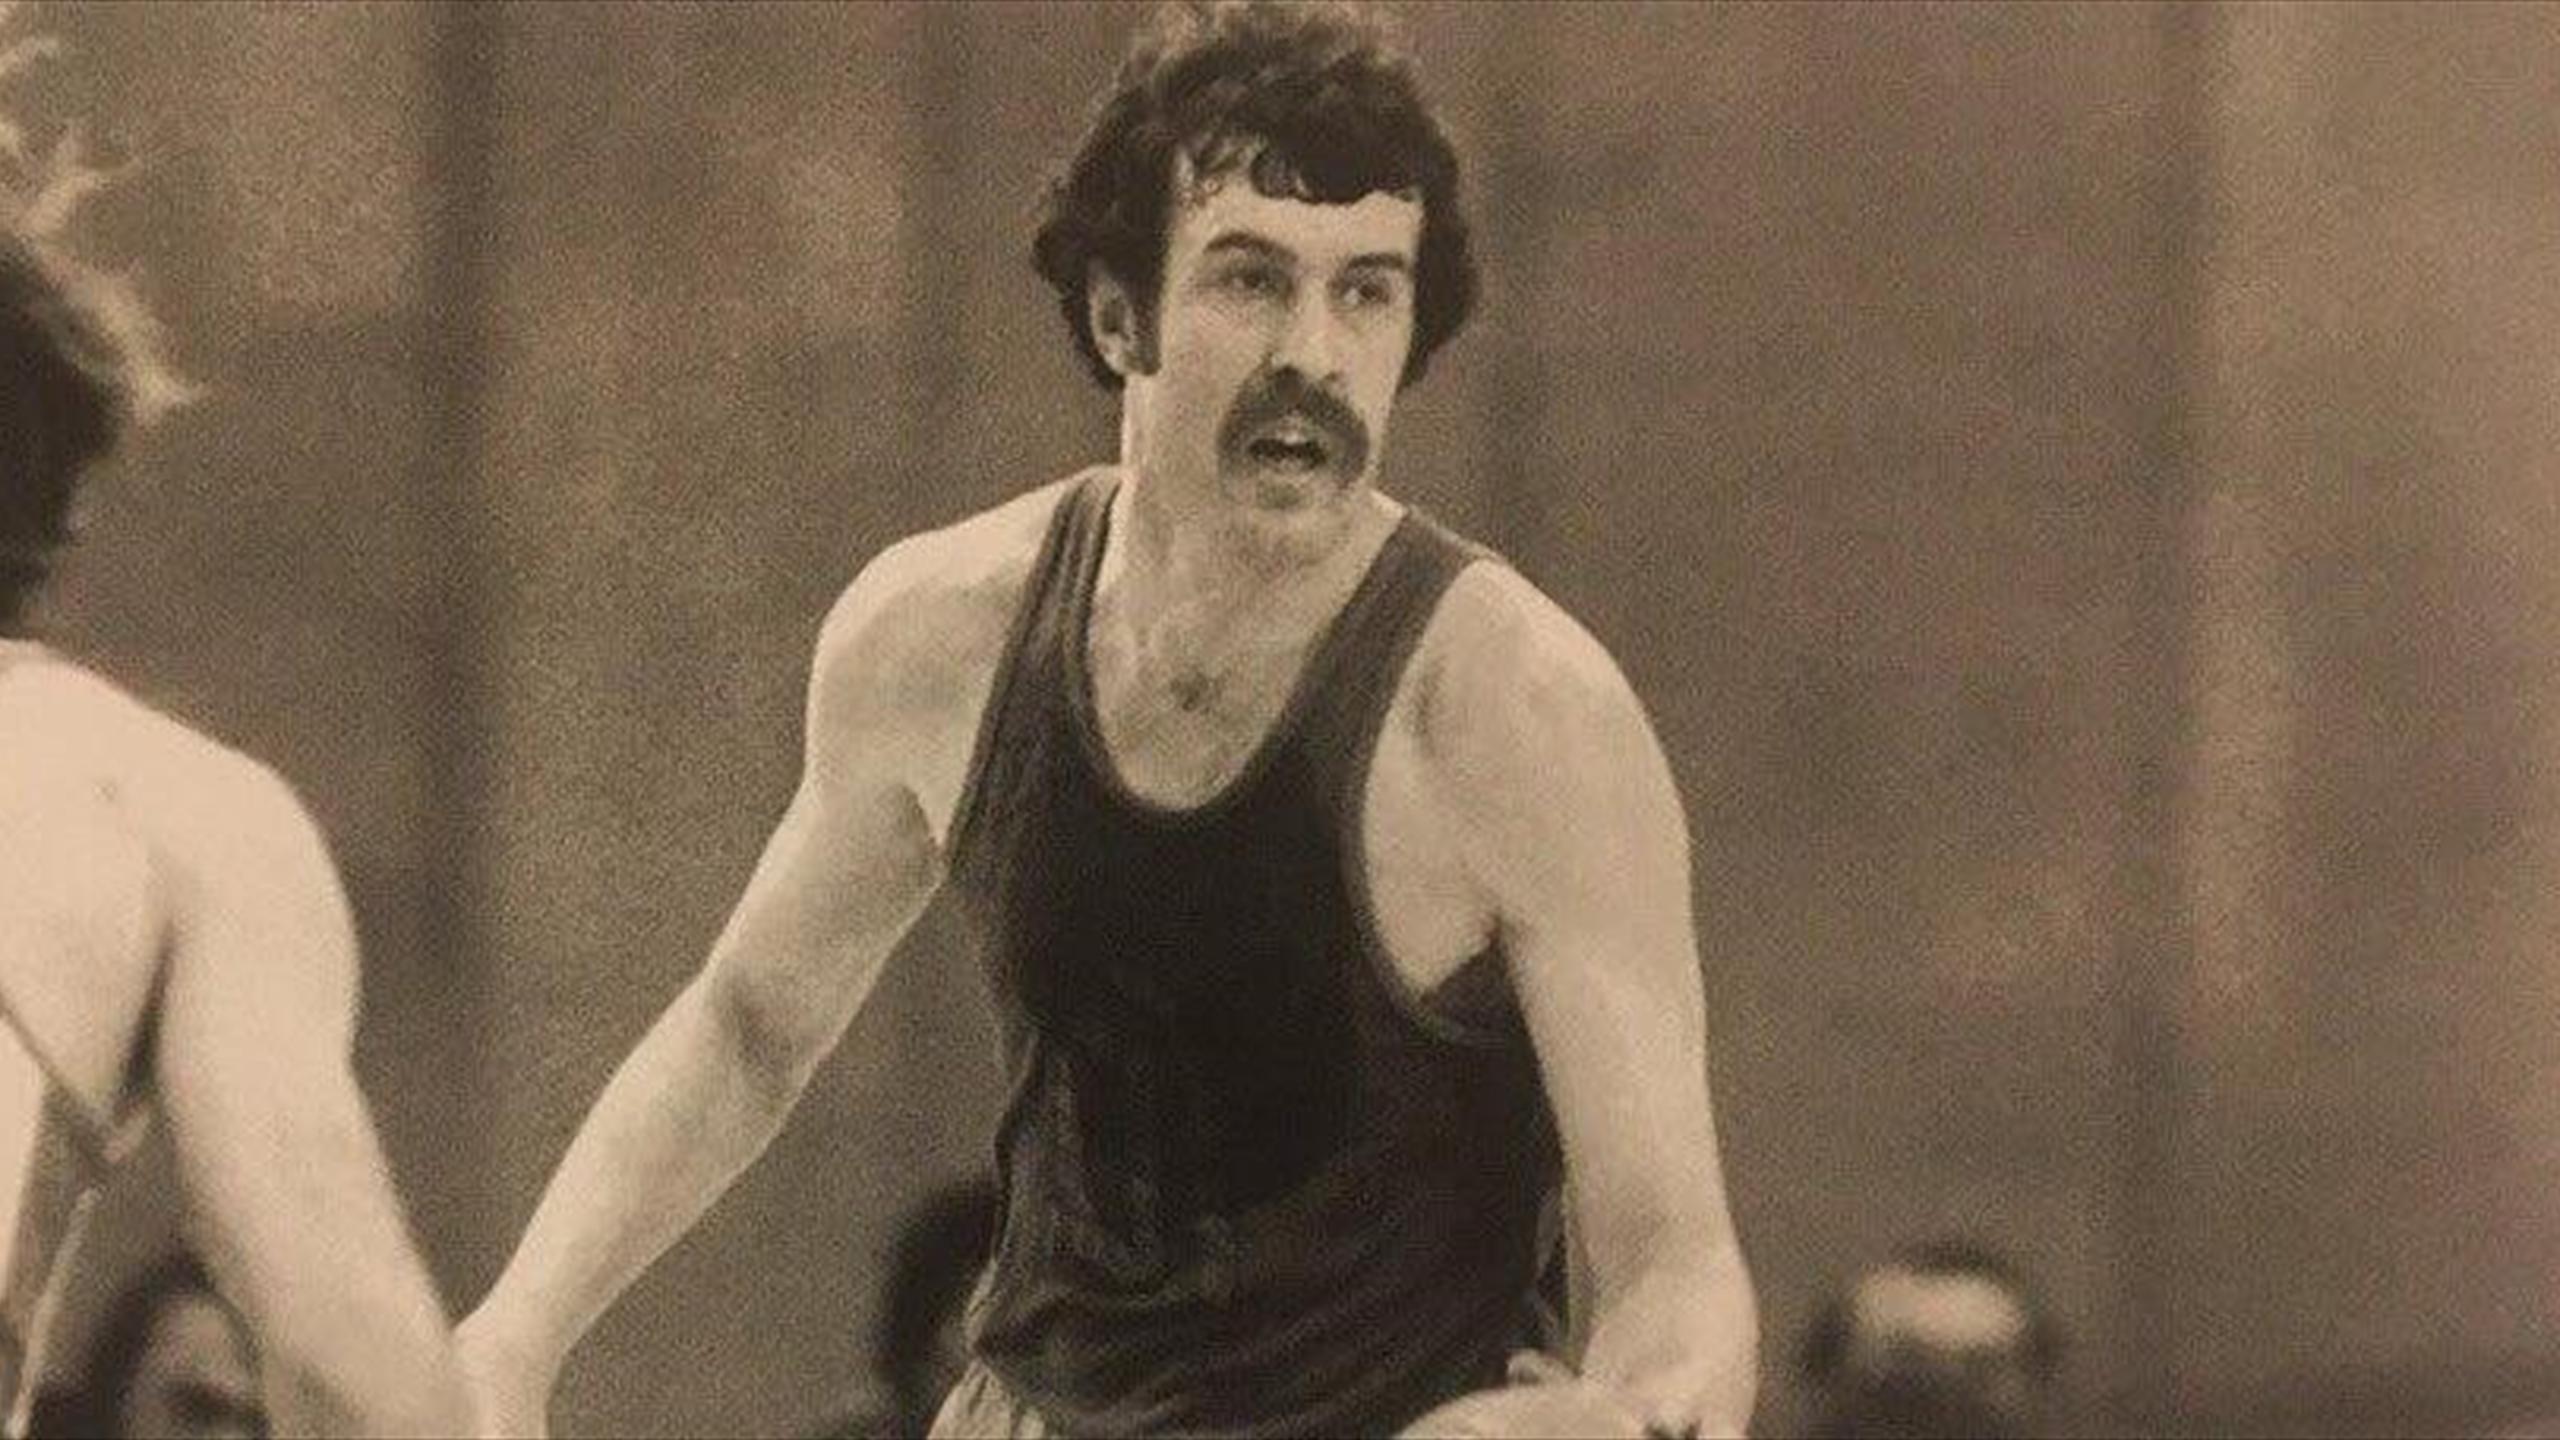 Скончался советский 2-кратный призер Олимпийских игр побаскетболу Александр Сальников